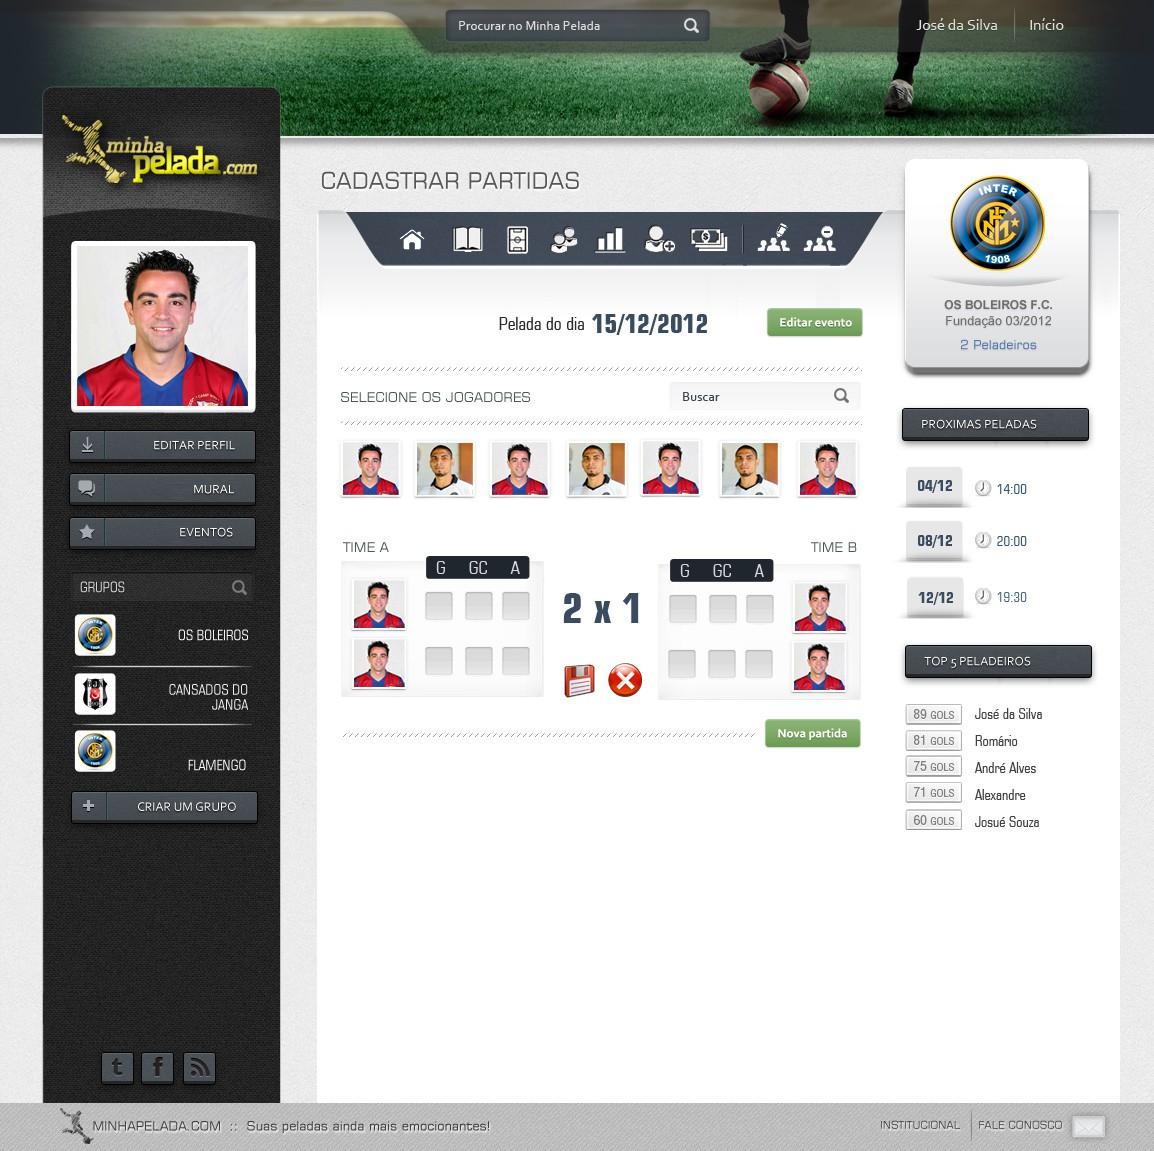 MinhaPelada.com needs a new website design